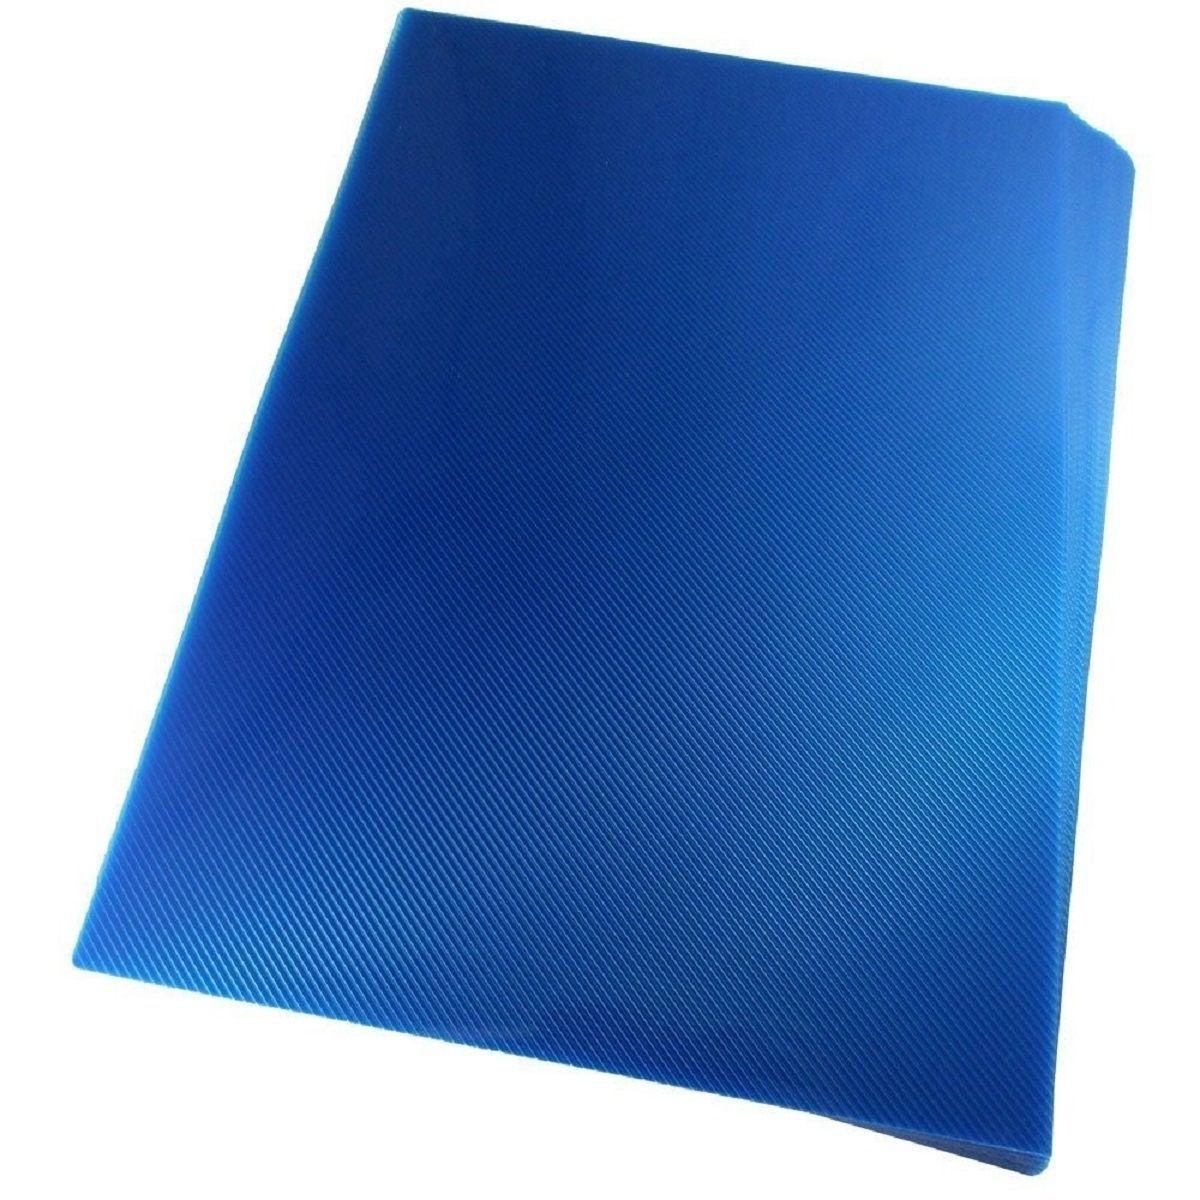 Kit 200 Capas para Encadernação A4 Azul  - Click Suprimentos